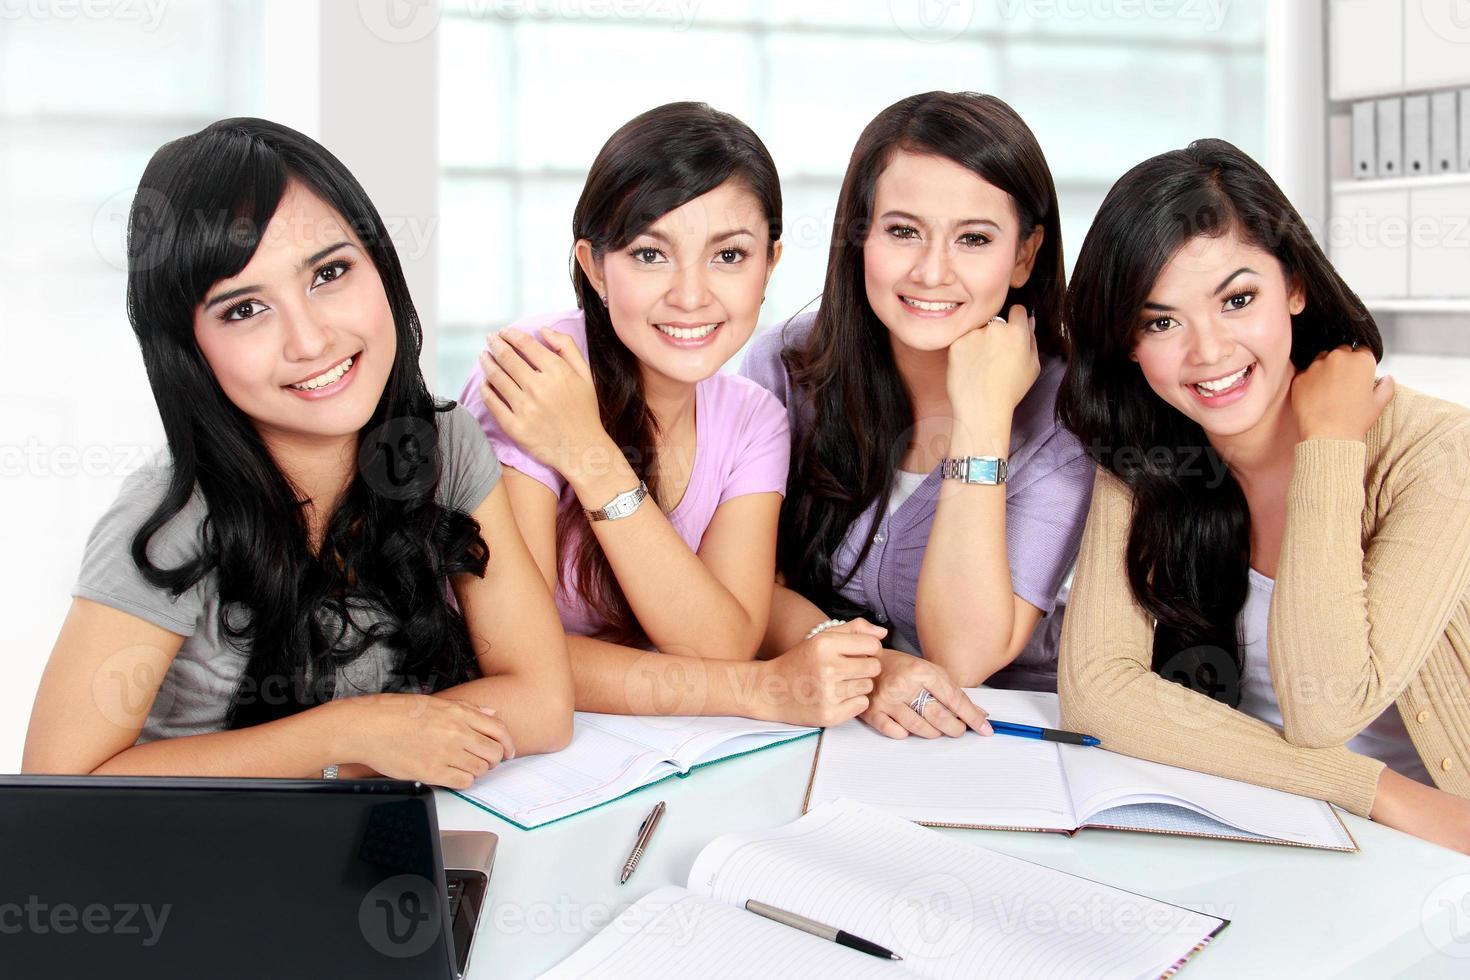 gruppo di studenti che studiano insieme foto